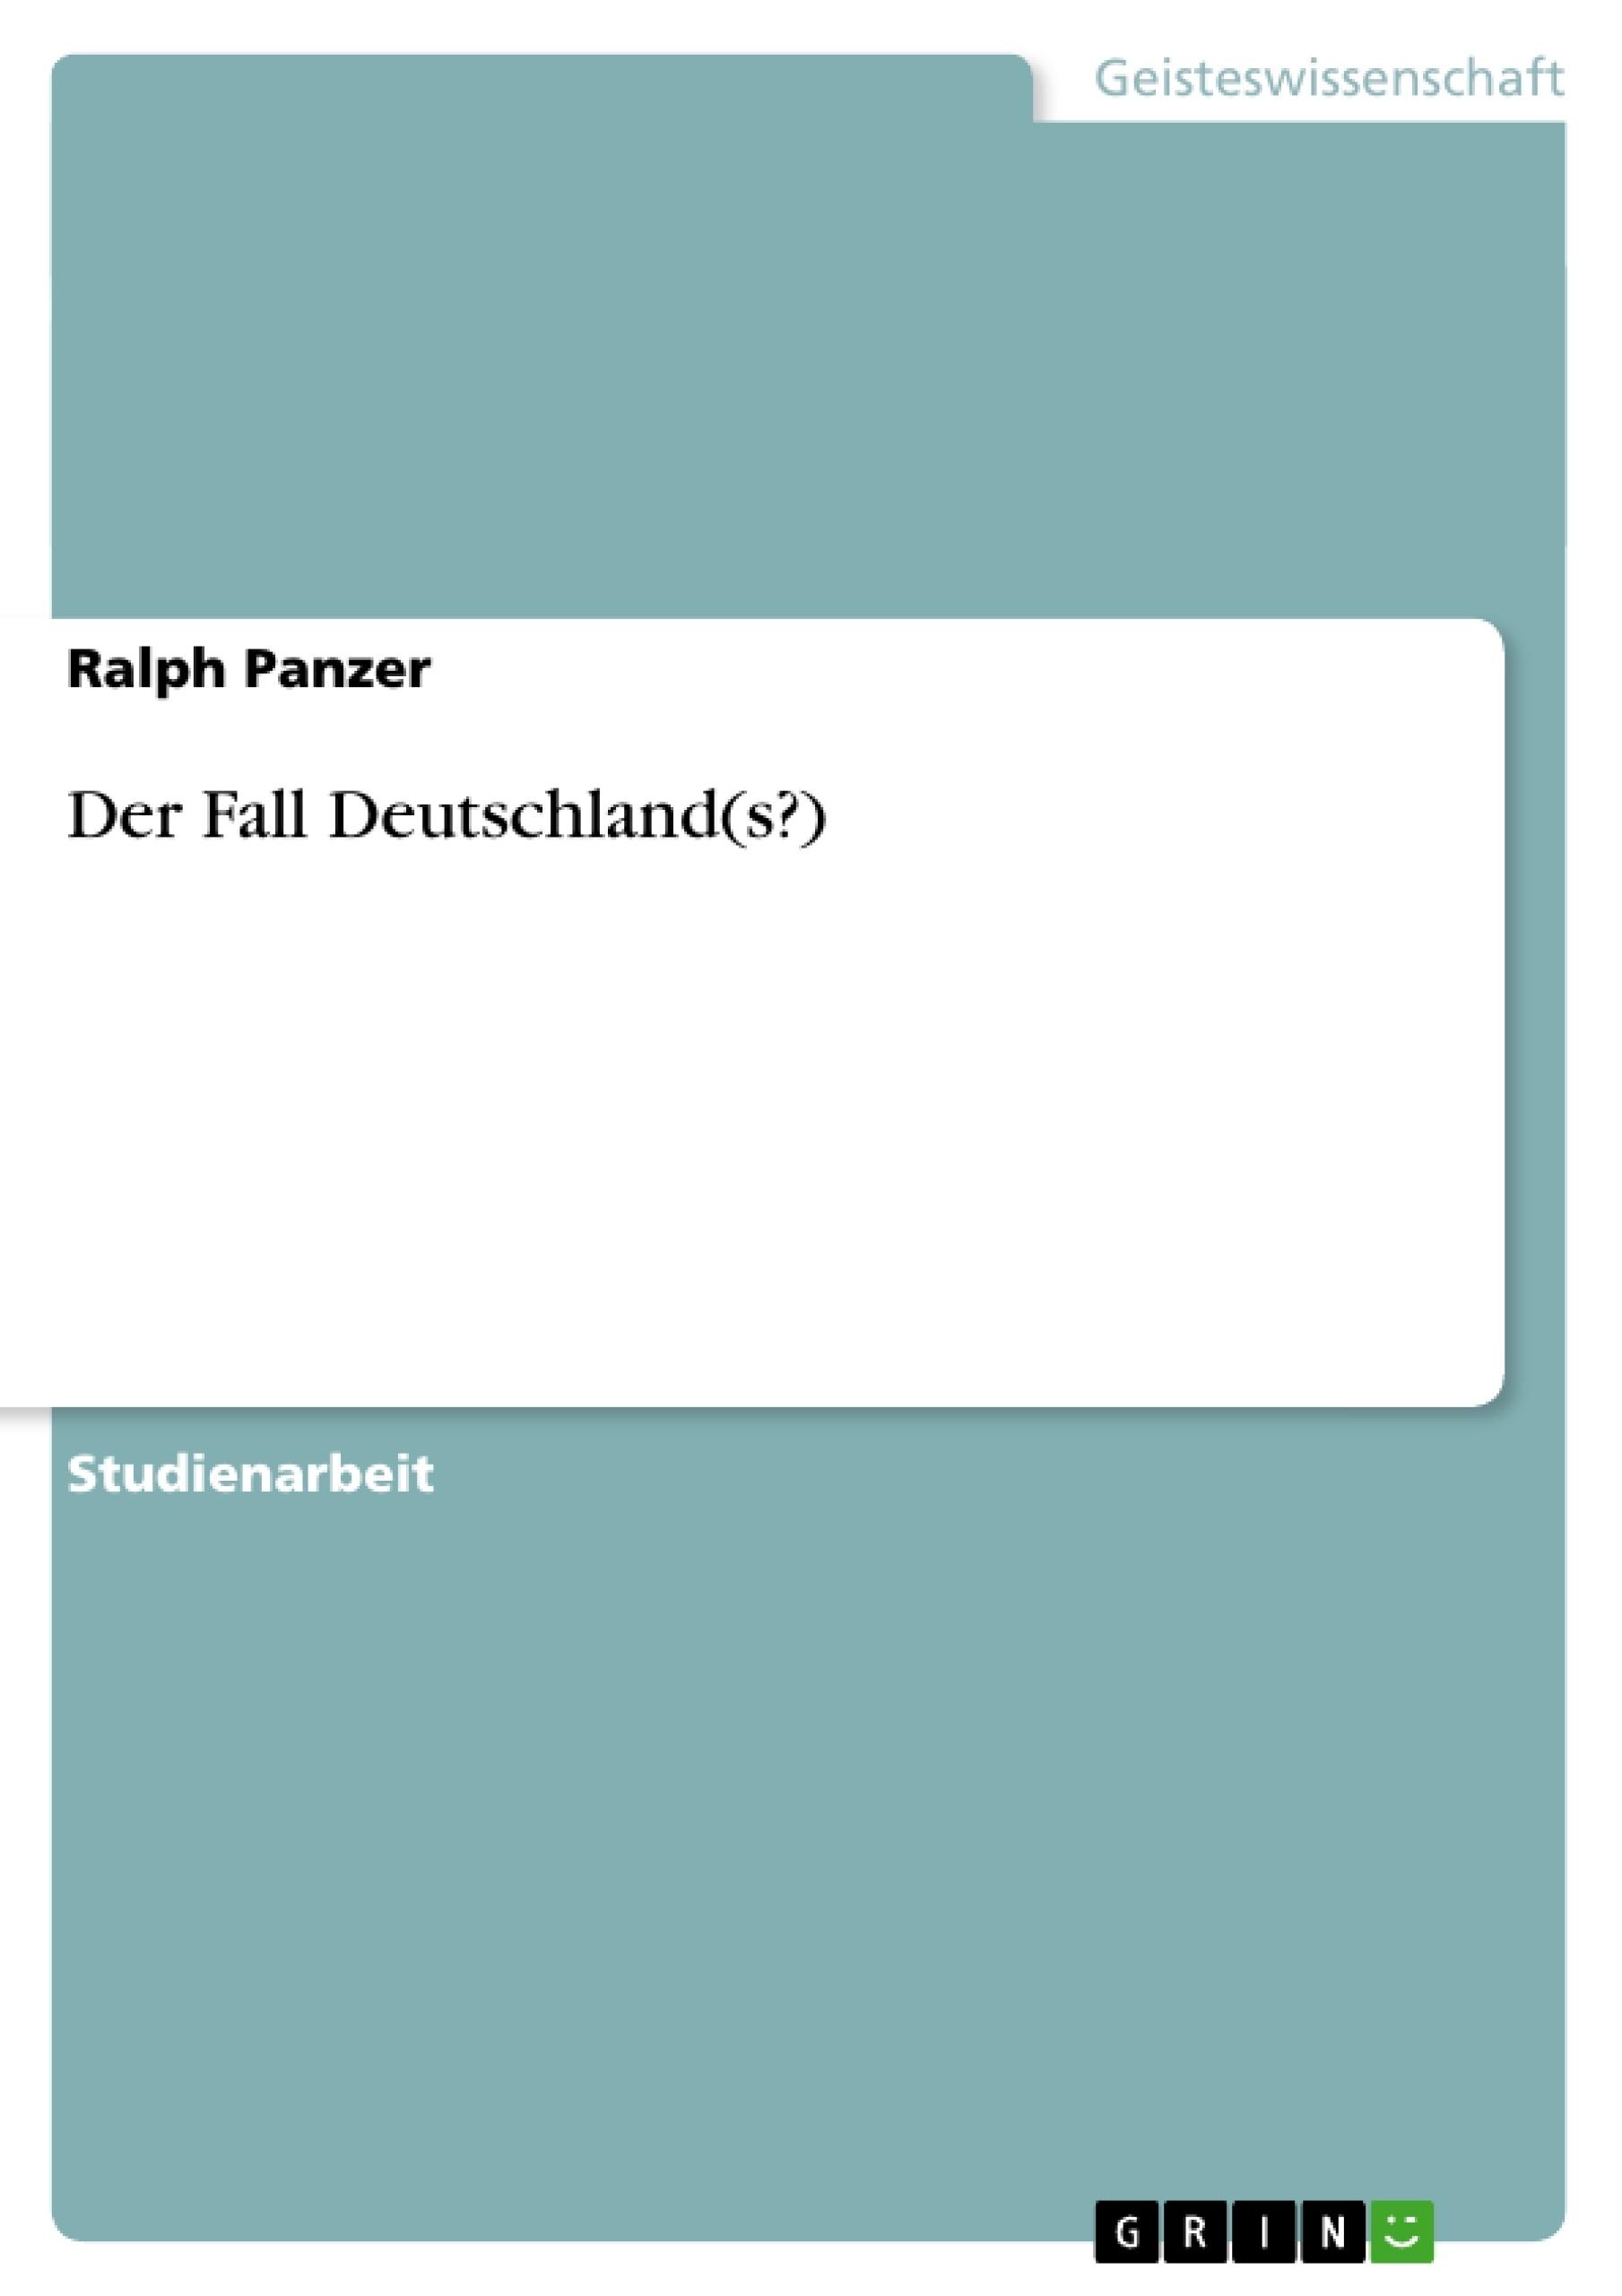 Titel: Der Fall Deutschland(s?)